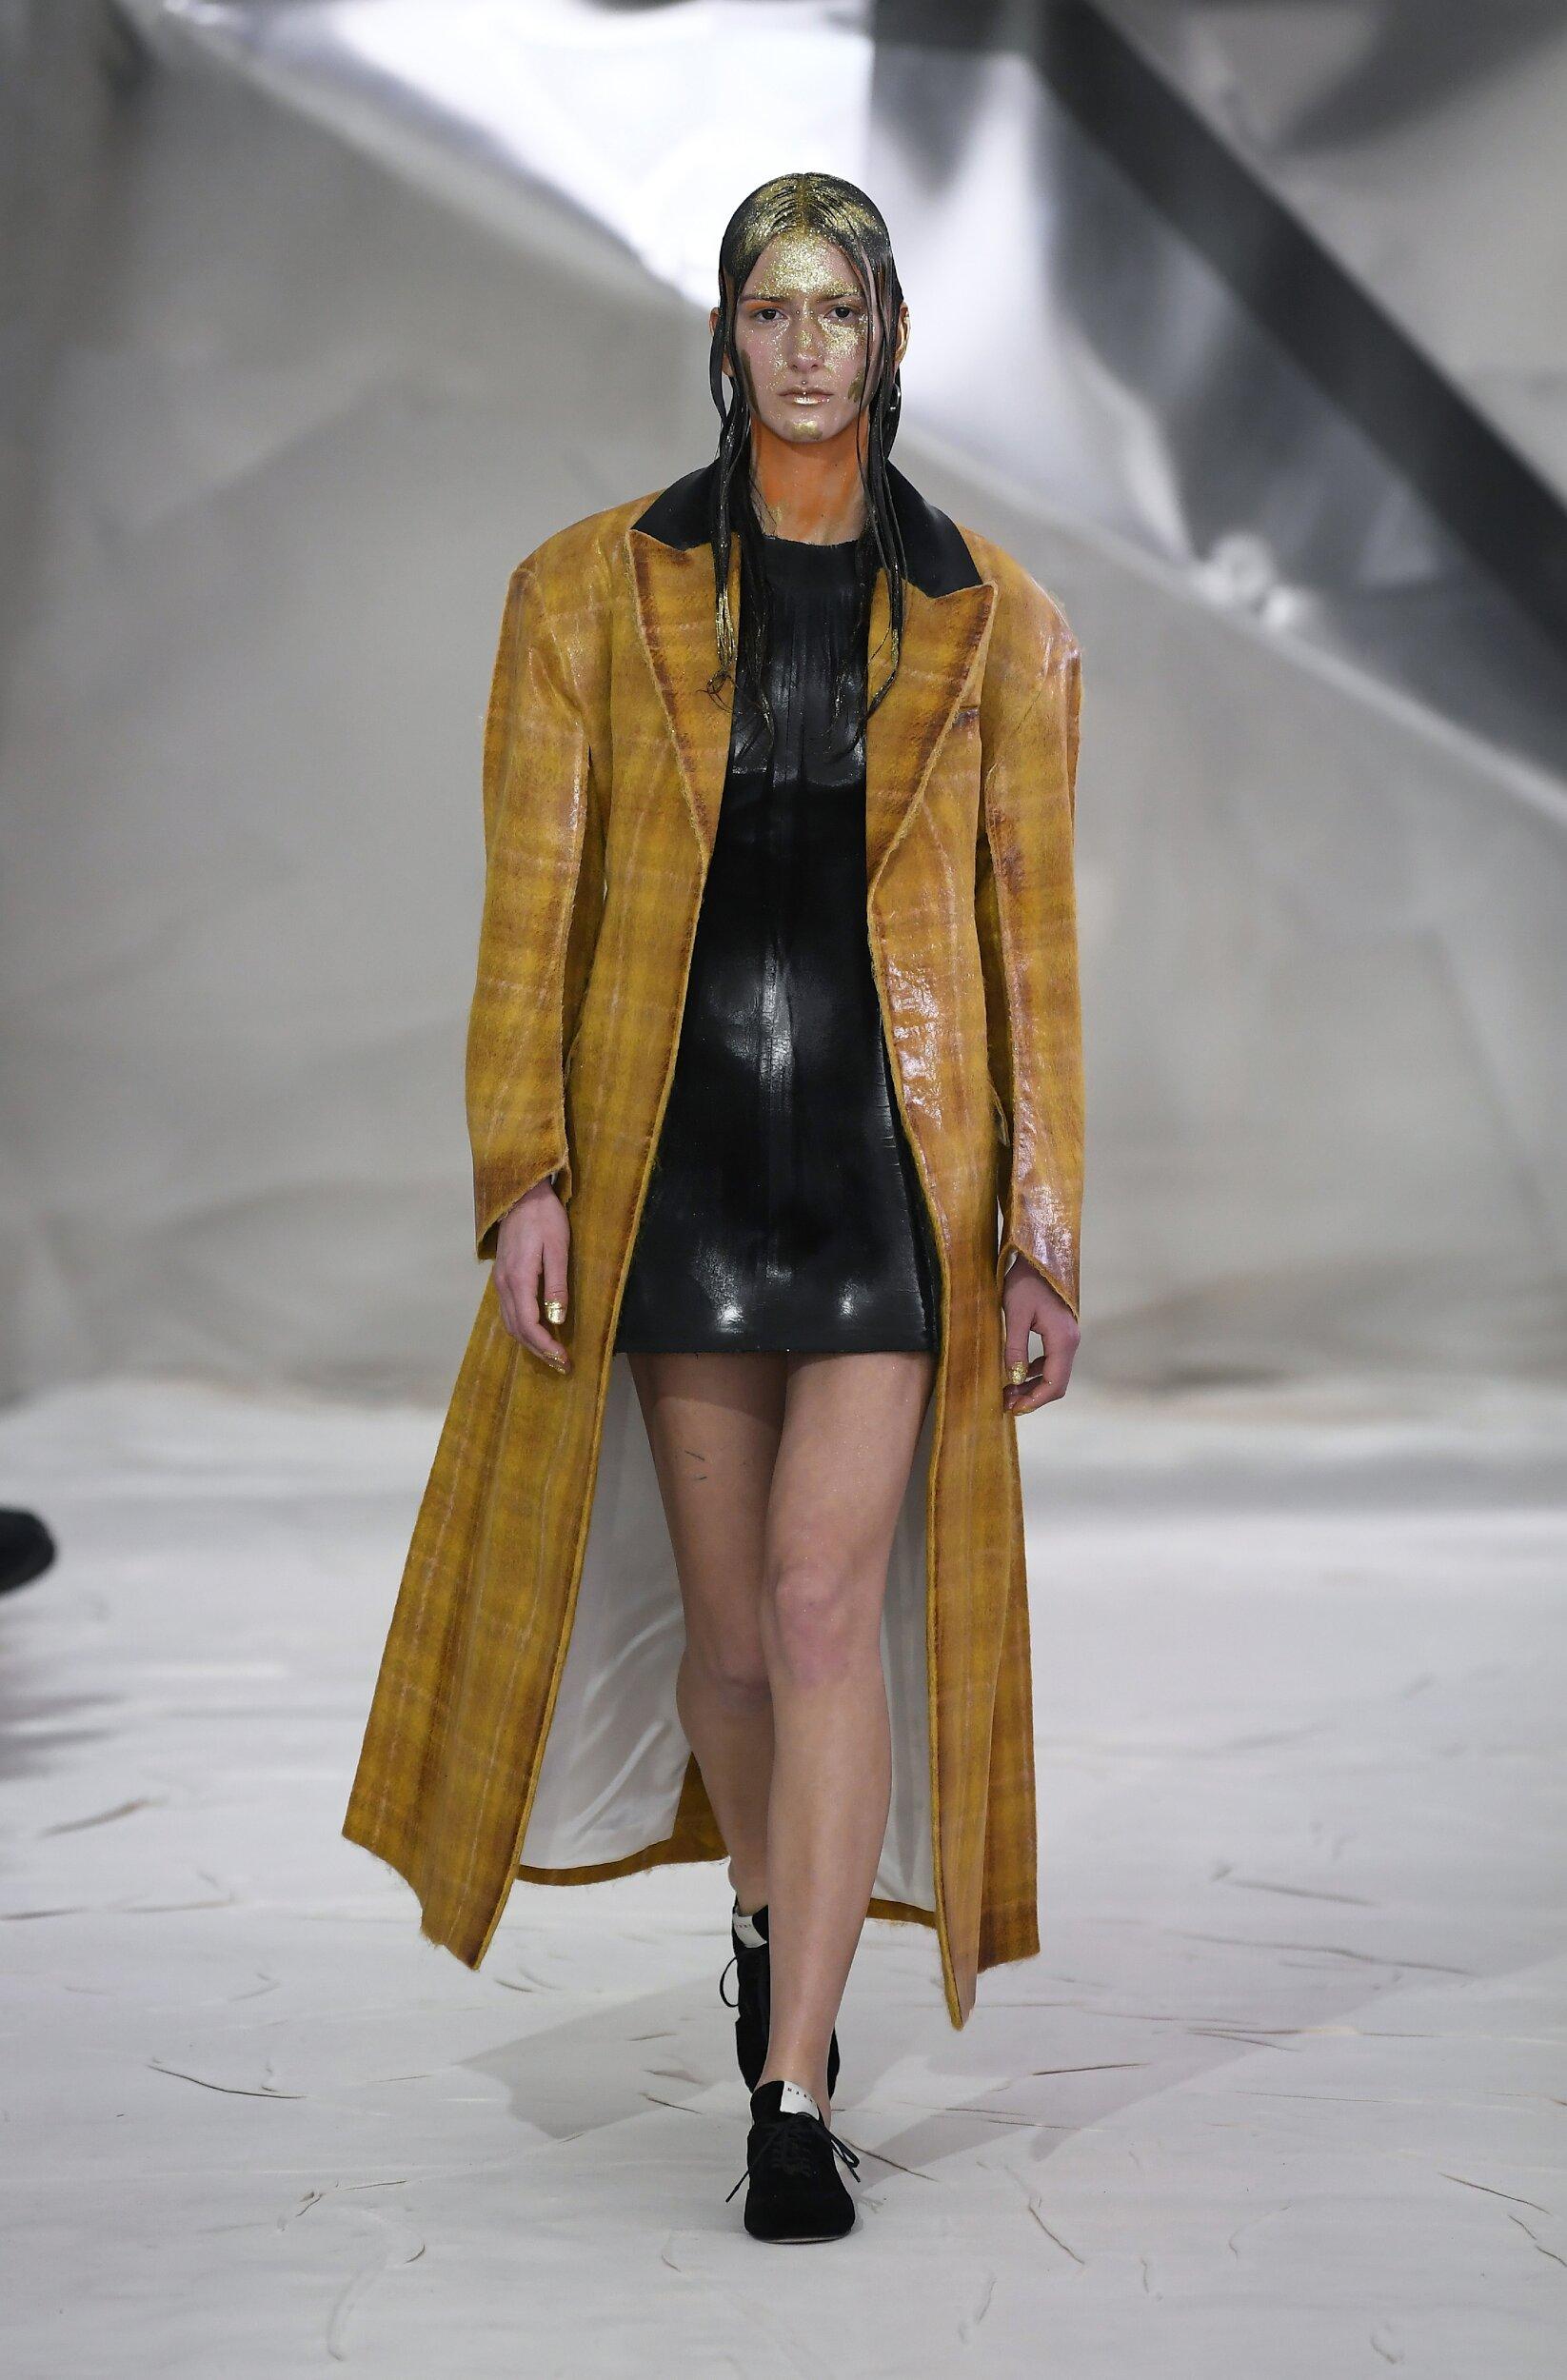 Marni FW 2020 Womenswear